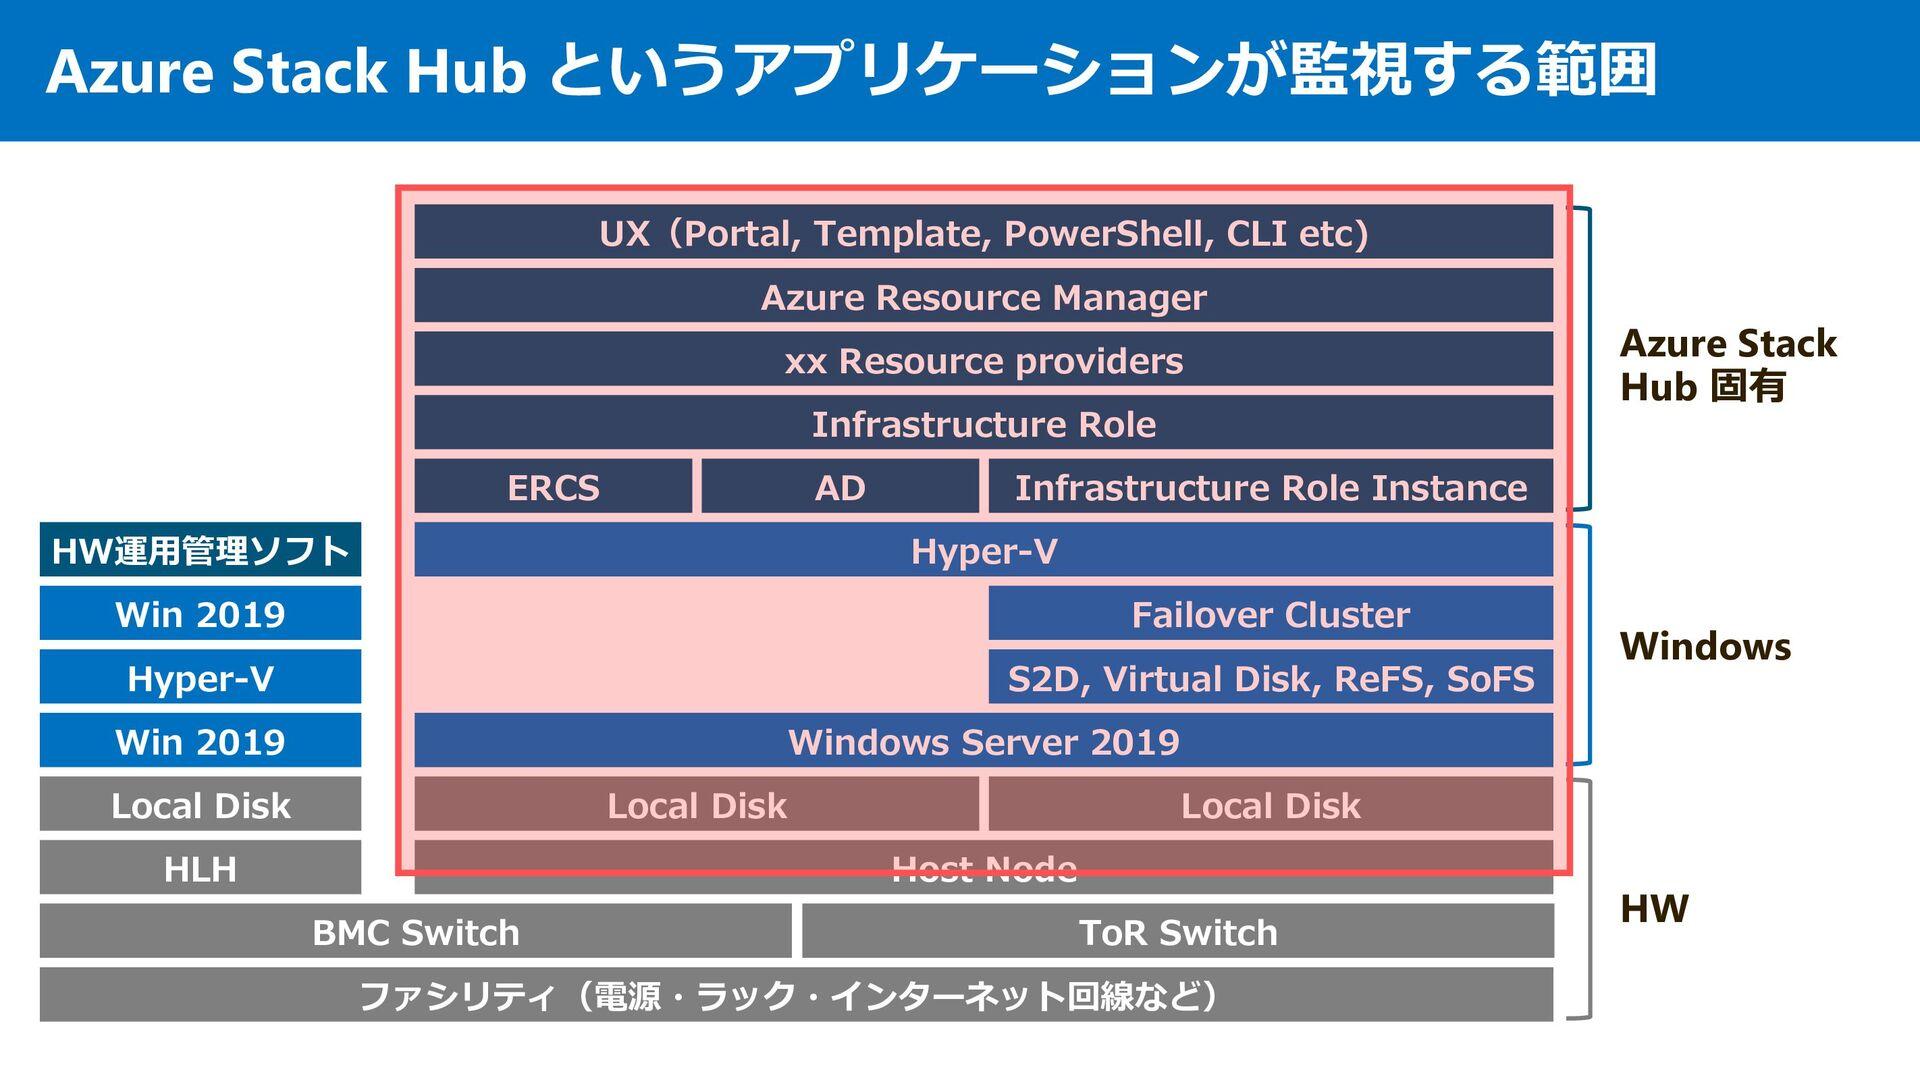 その2︓監視 OEM ベンダのソフトウェアが監視する範囲